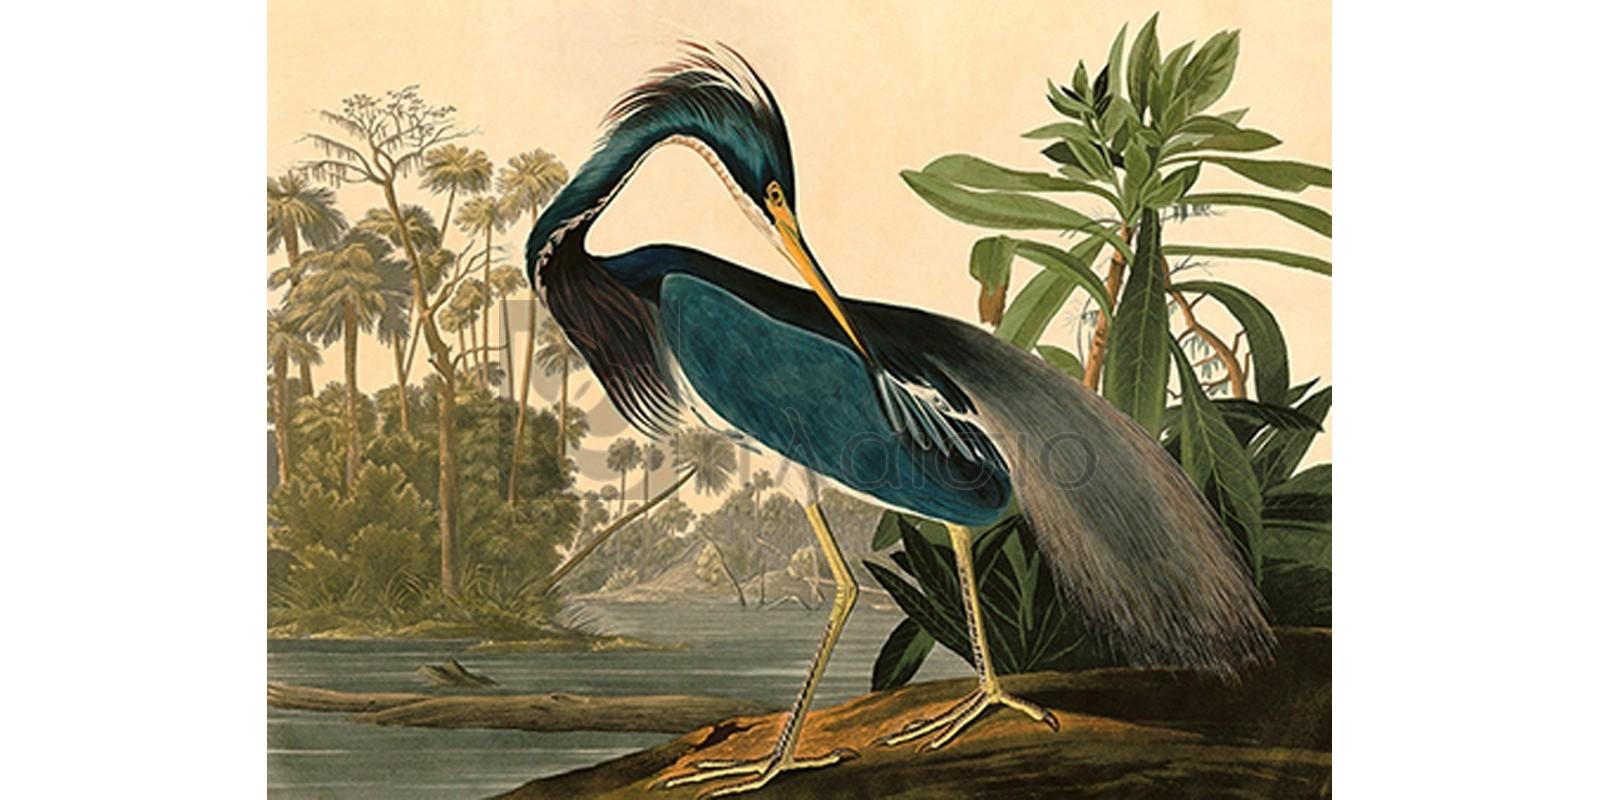 John James Audubon - Louisiana Heron